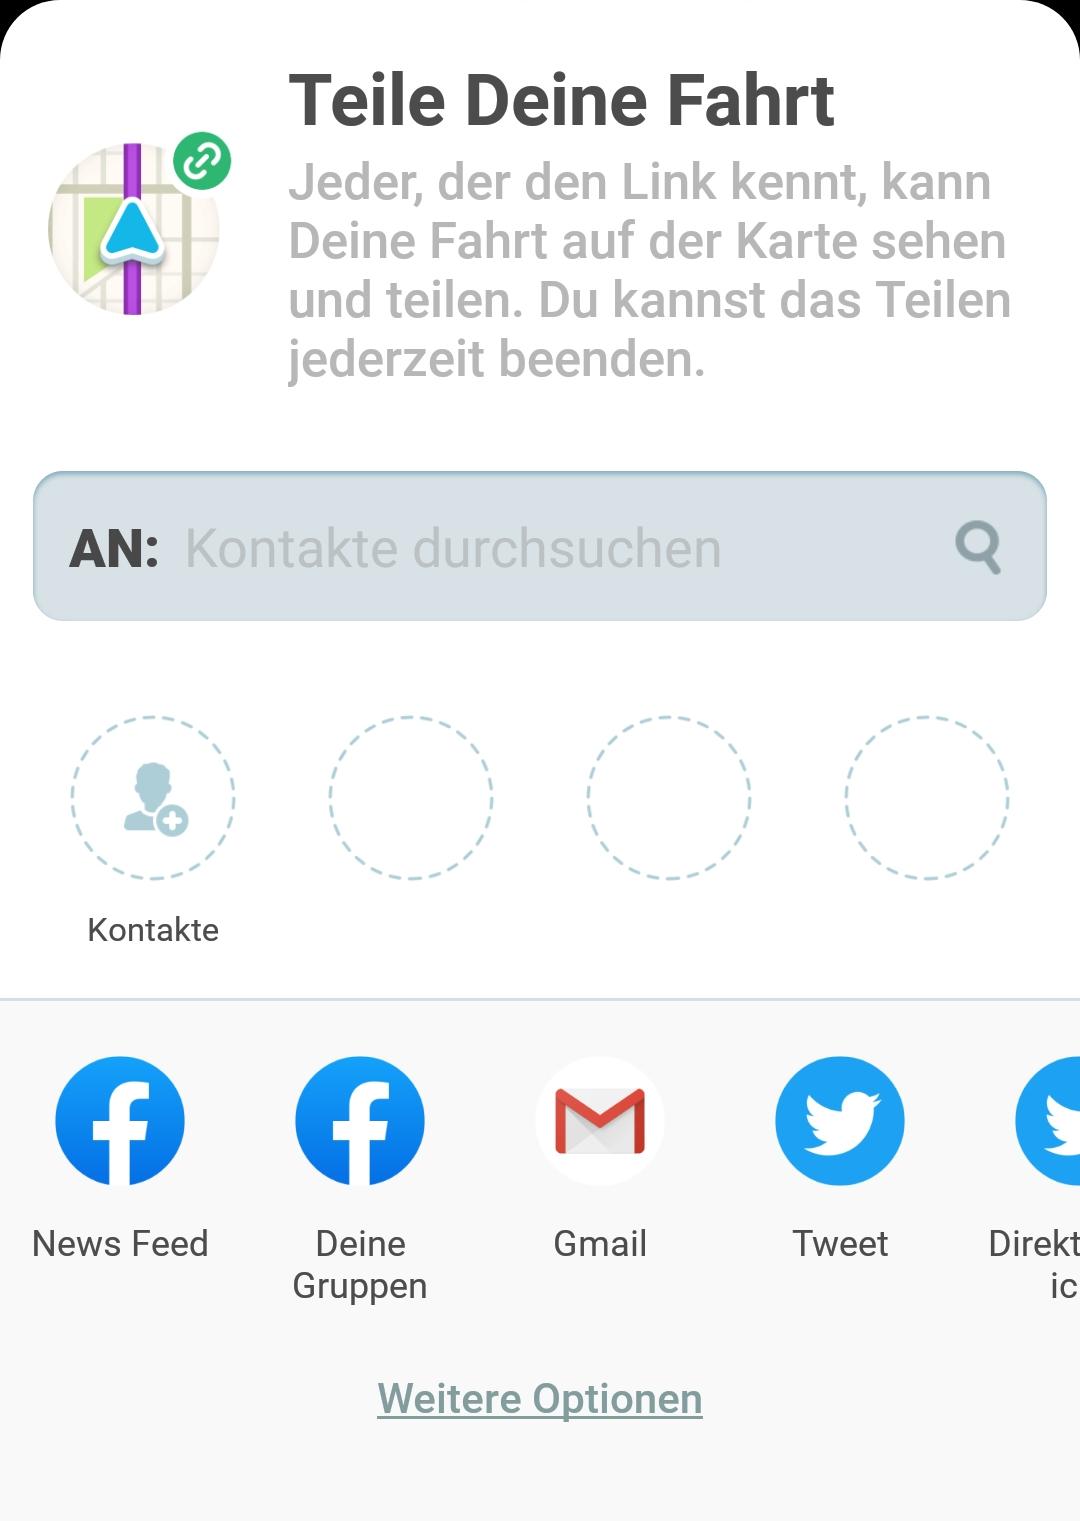 Screenshot Fahrt teilen mit verschiedenen Social Media Icons